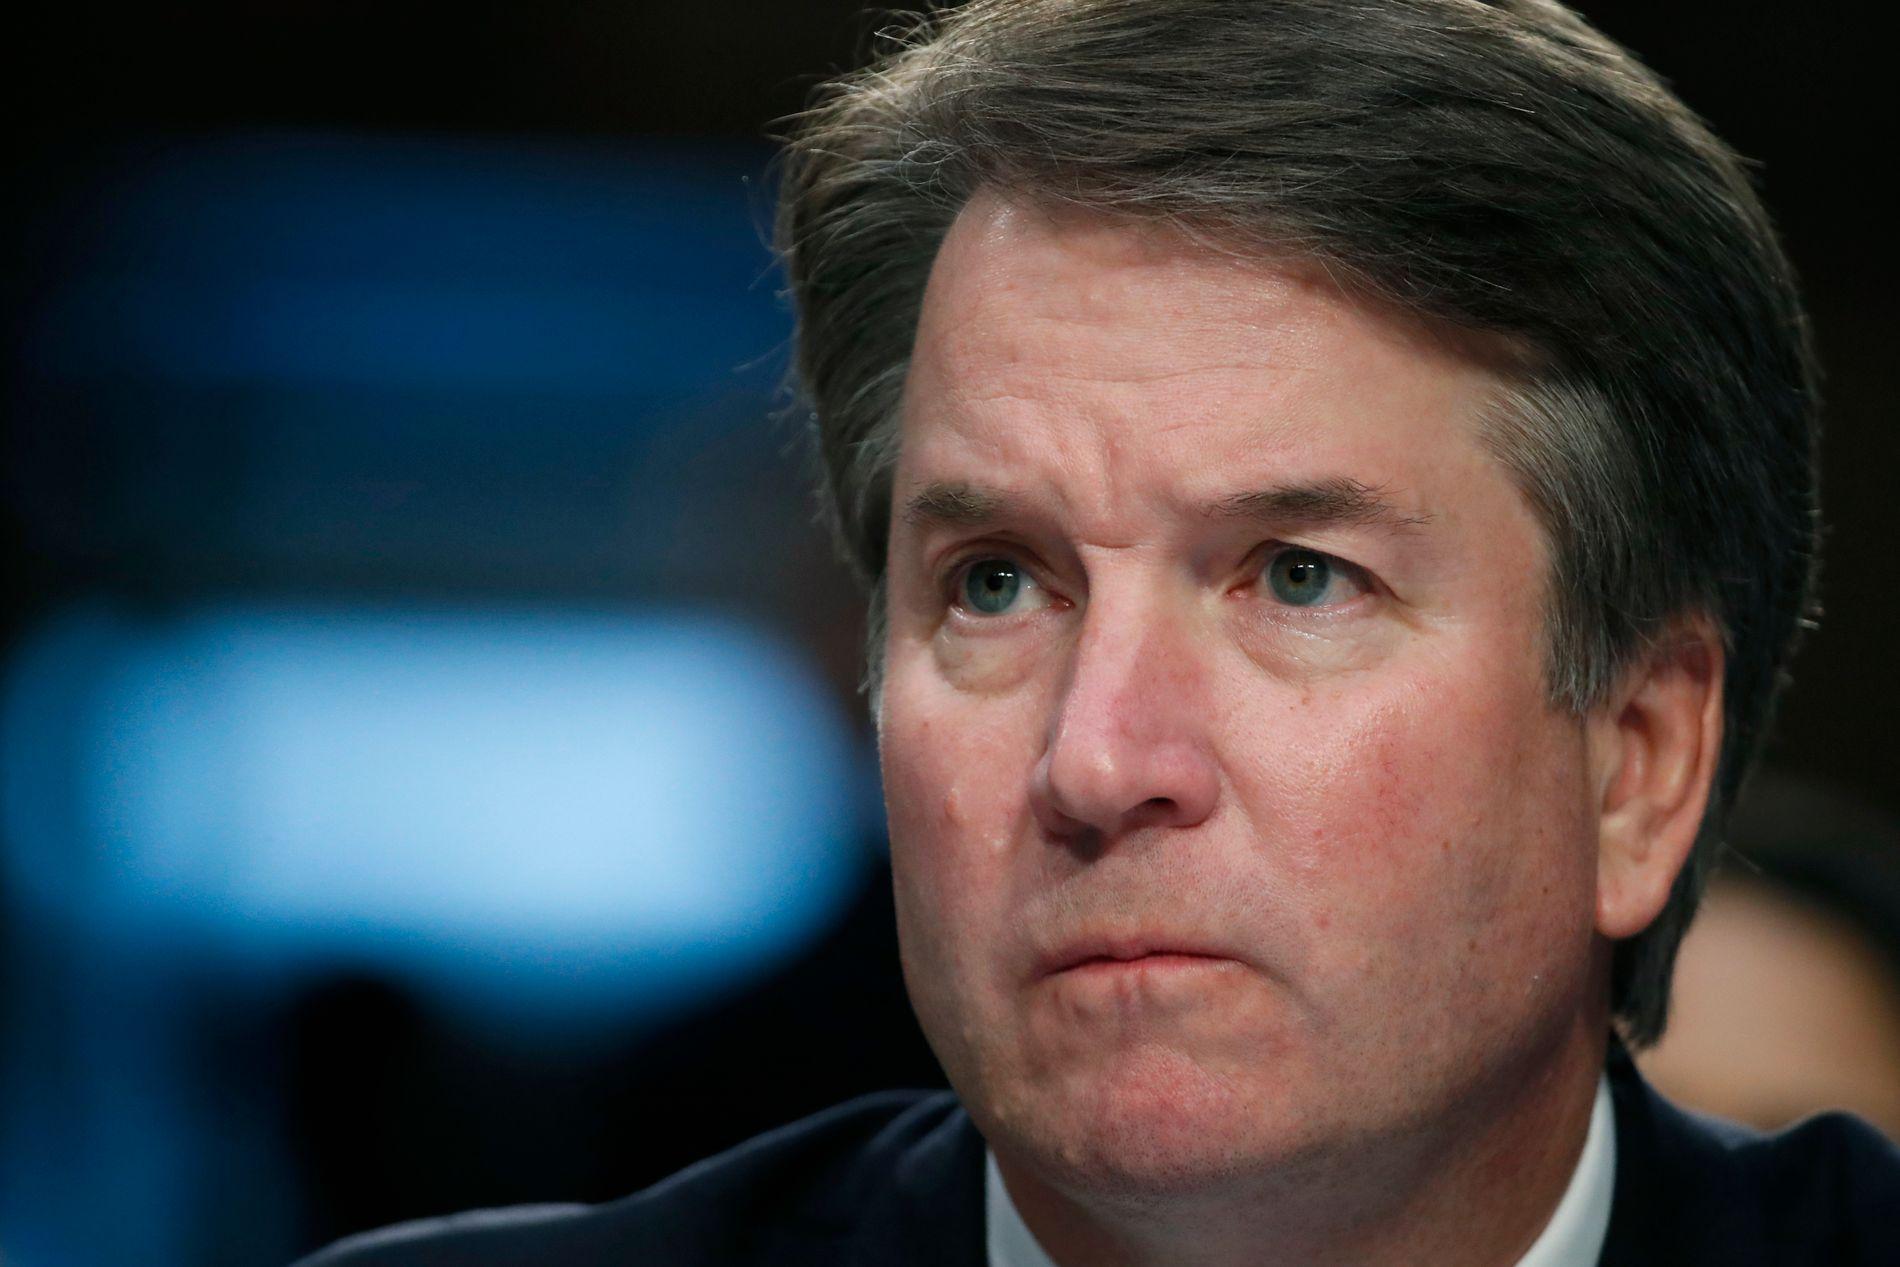 AVVISER ANKLAGER: Brett Kavanaugh mener han er utsatt for en svertekampanje som skal hindre at han blir godkjent som høyesterettsdommer.